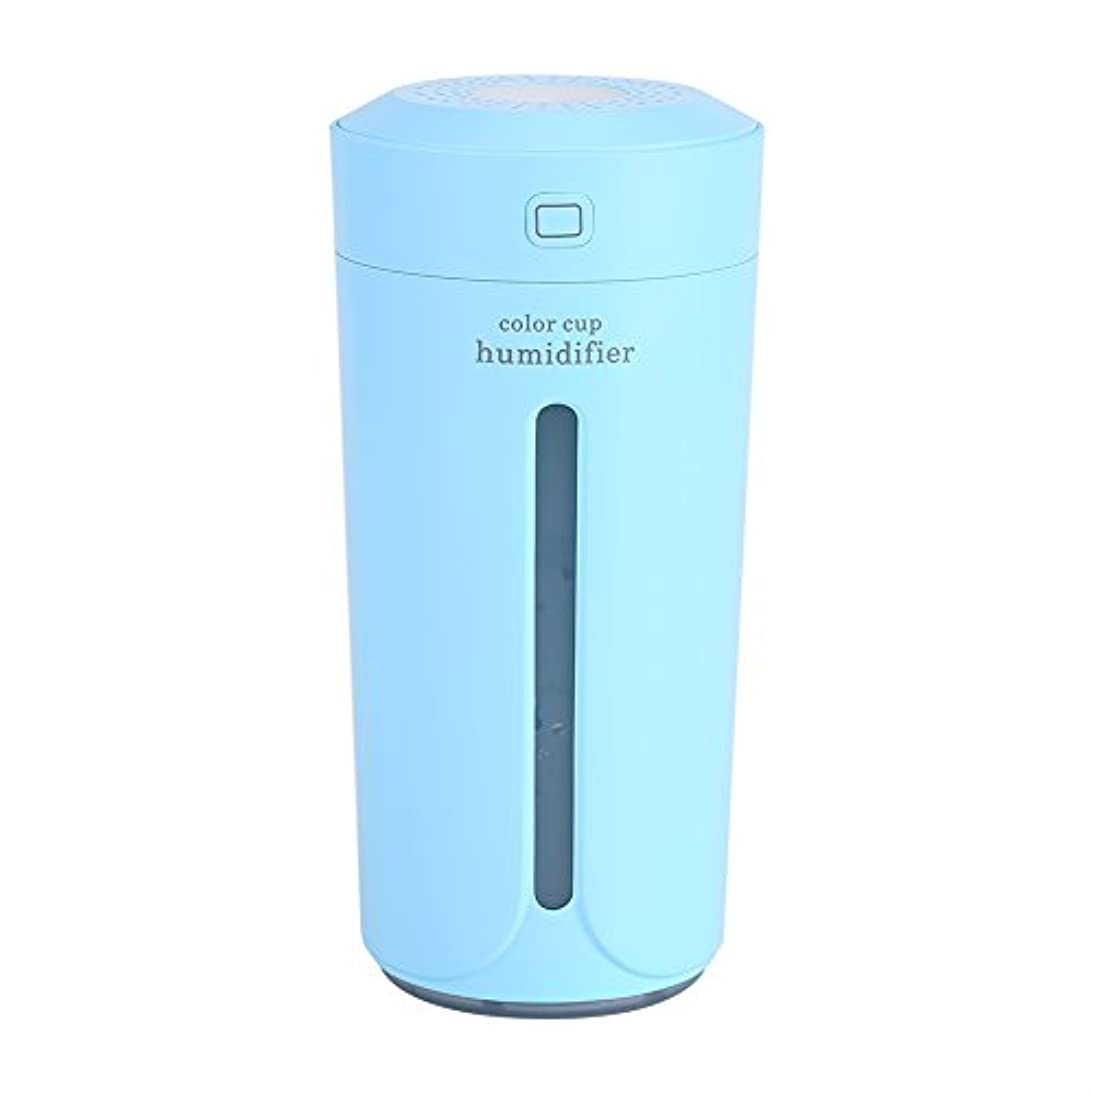 残酷な手がかりマント空気加湿器、携帯用LED USBの空気霧の噴霧器の加湿器の清浄器の家の寝室(青)